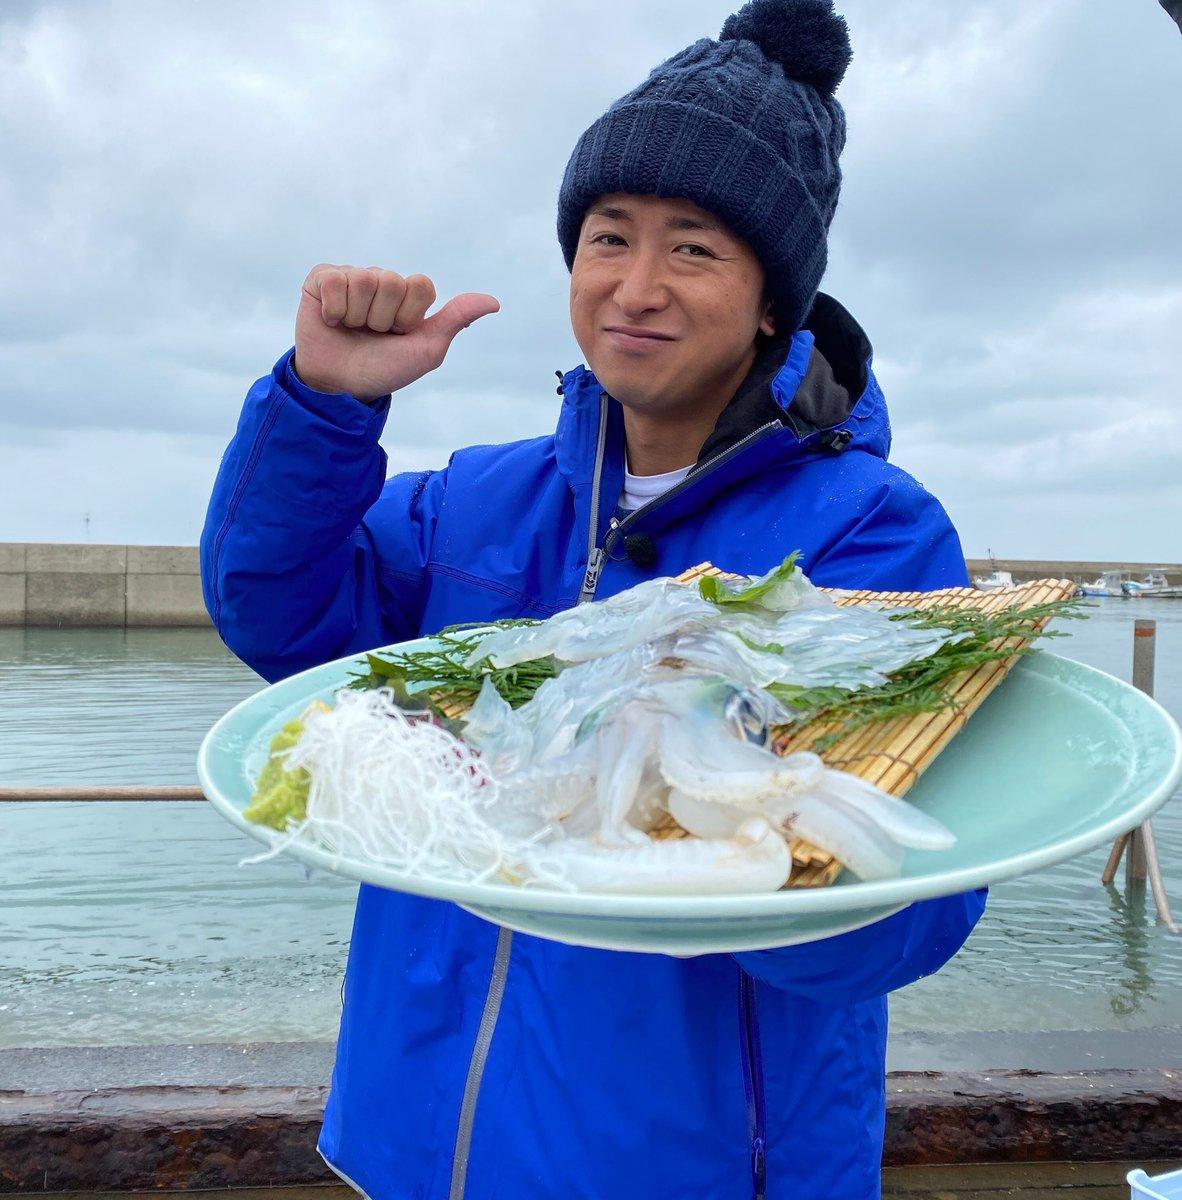 釣ってないけど食べたぜ! I didn't catch these myself but I did eat them! #Ohno #嵐 #ARASHI